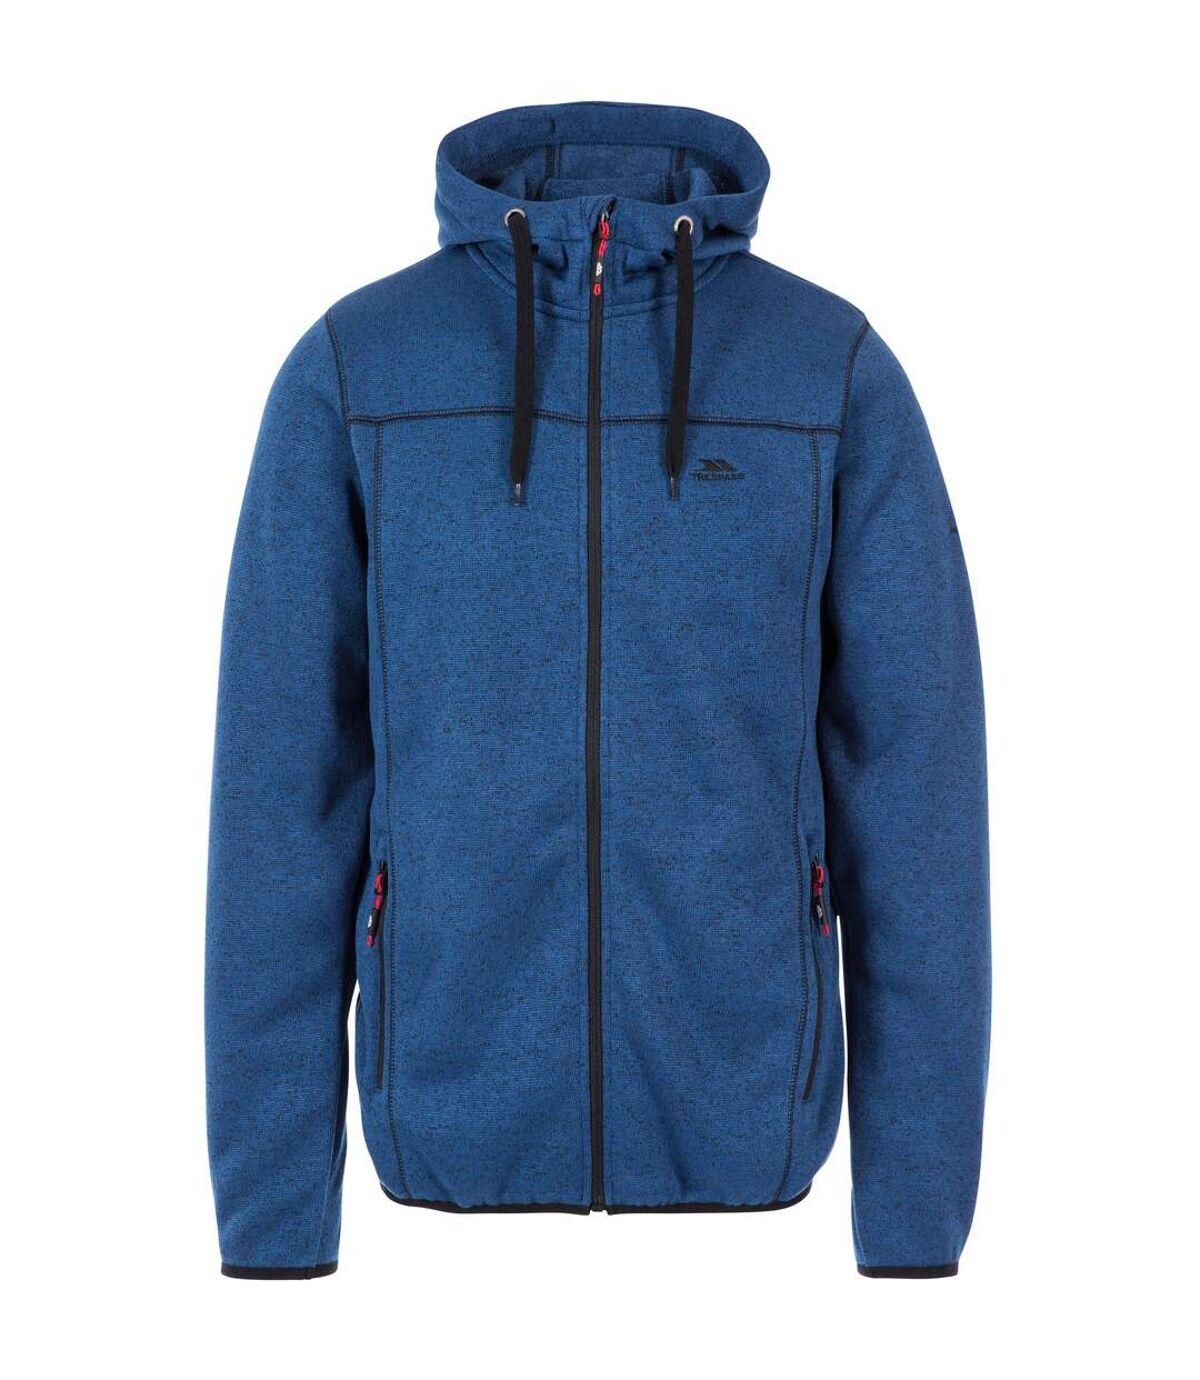 Trespass Mens Odeno Fleece Jacket (Merlot Marl) - UTTP4374